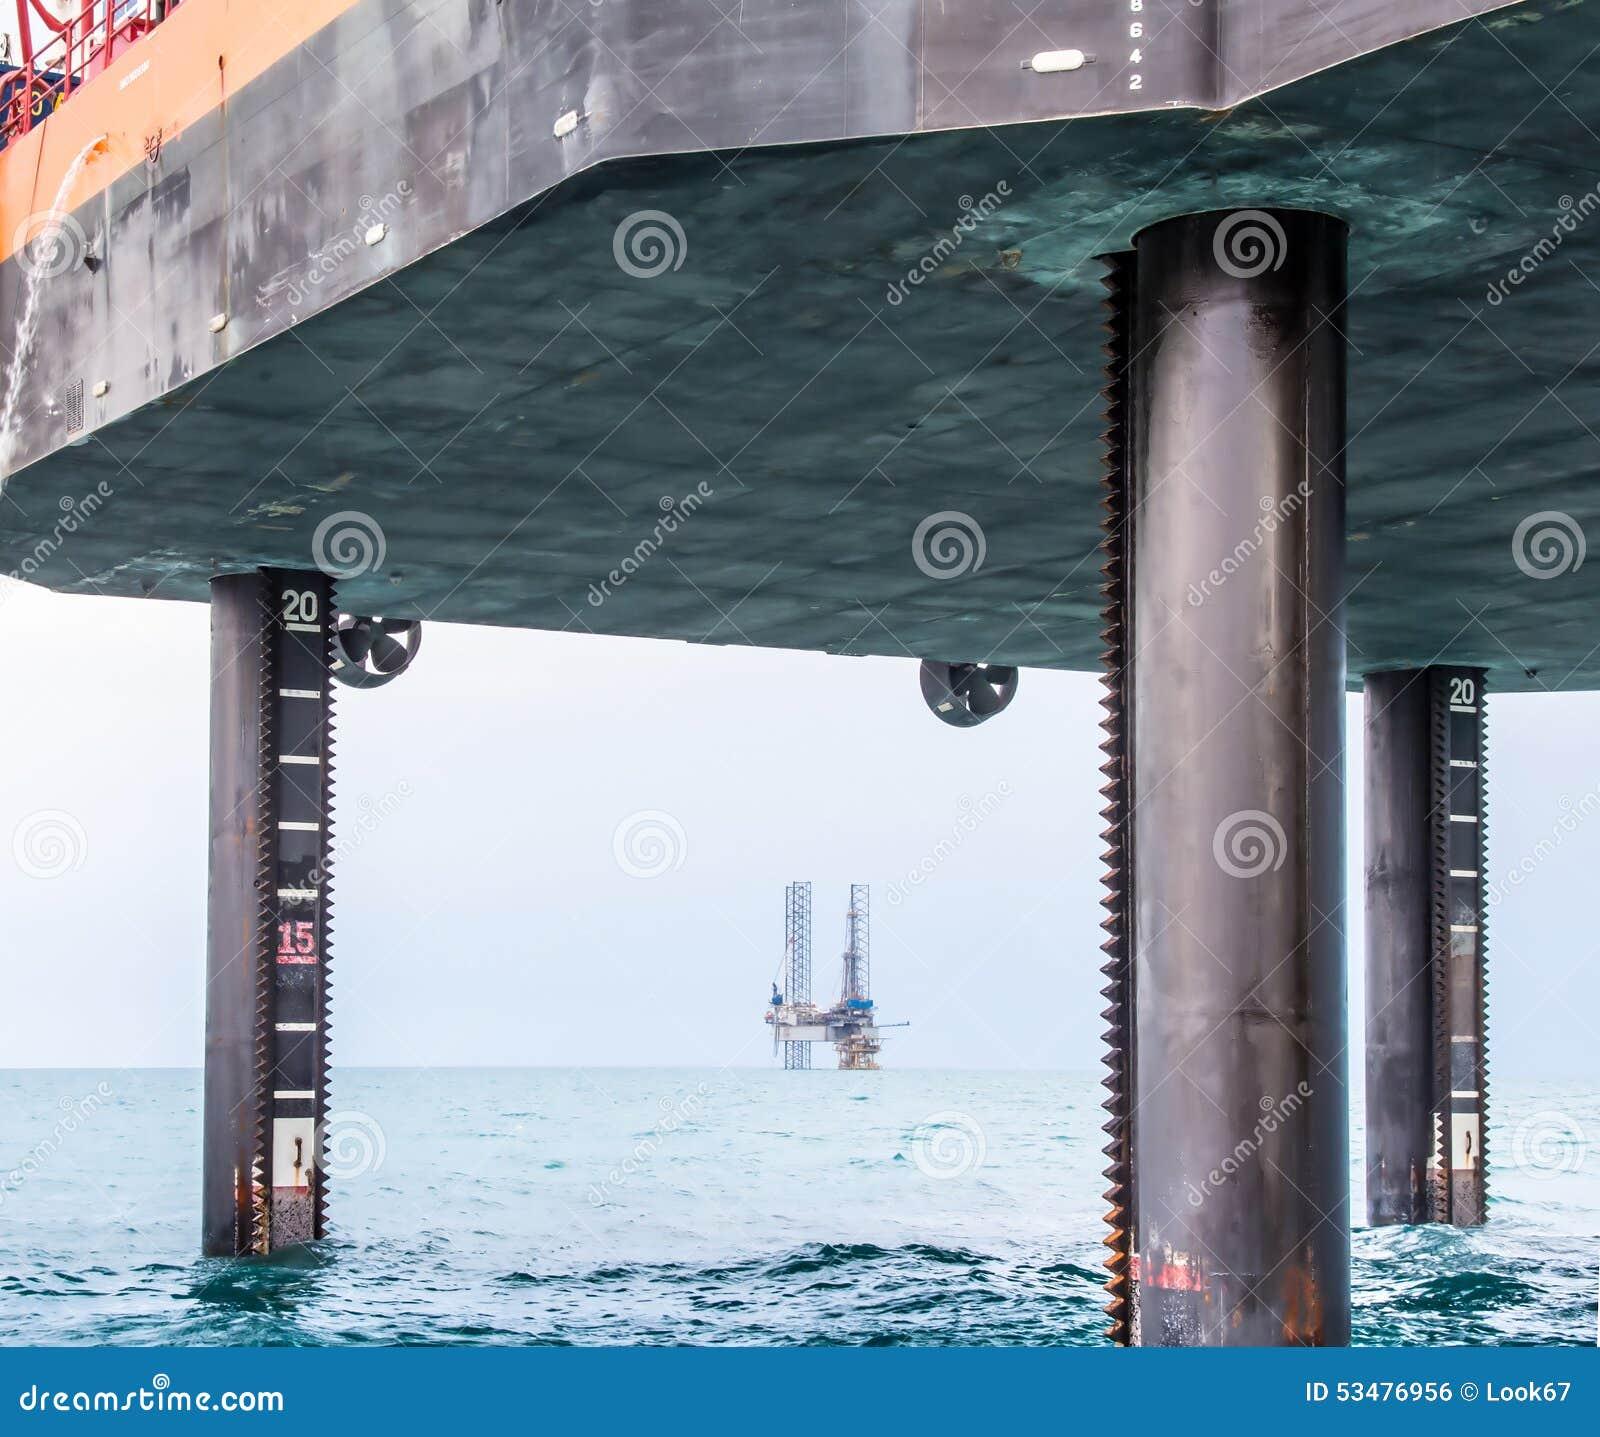 顶起的驳船和半潜水型的凿岩机